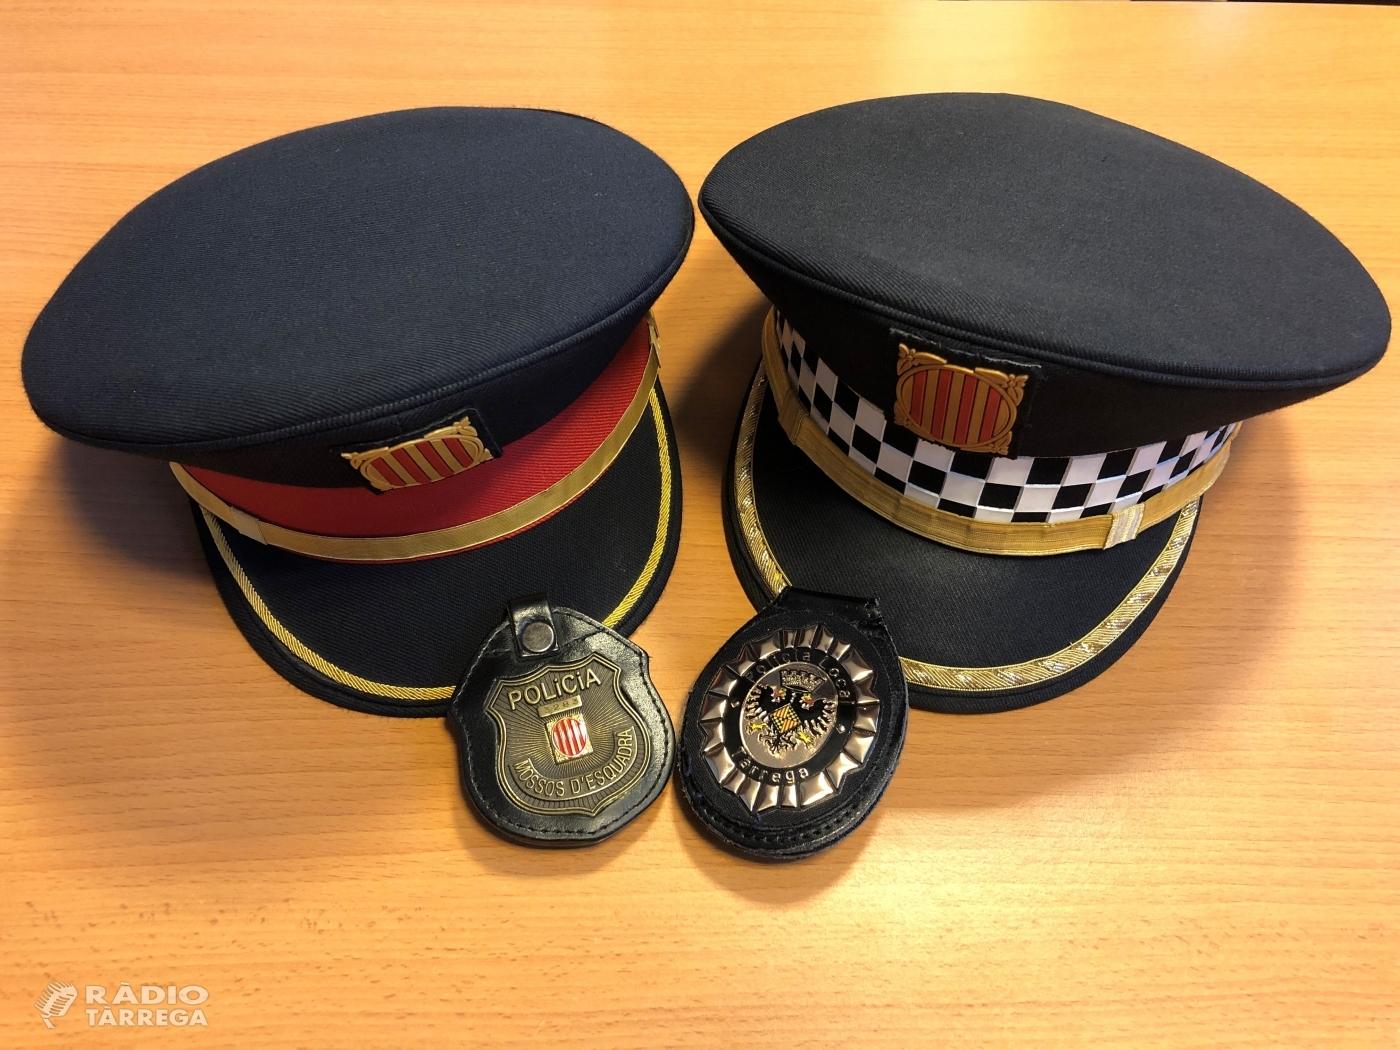 La Policia Local de Tàrrega i Mossos d'Esquadra detenen dos homes per un presumpte delicte de furt de tres telèfons mòbils en un comerç de la ciutat